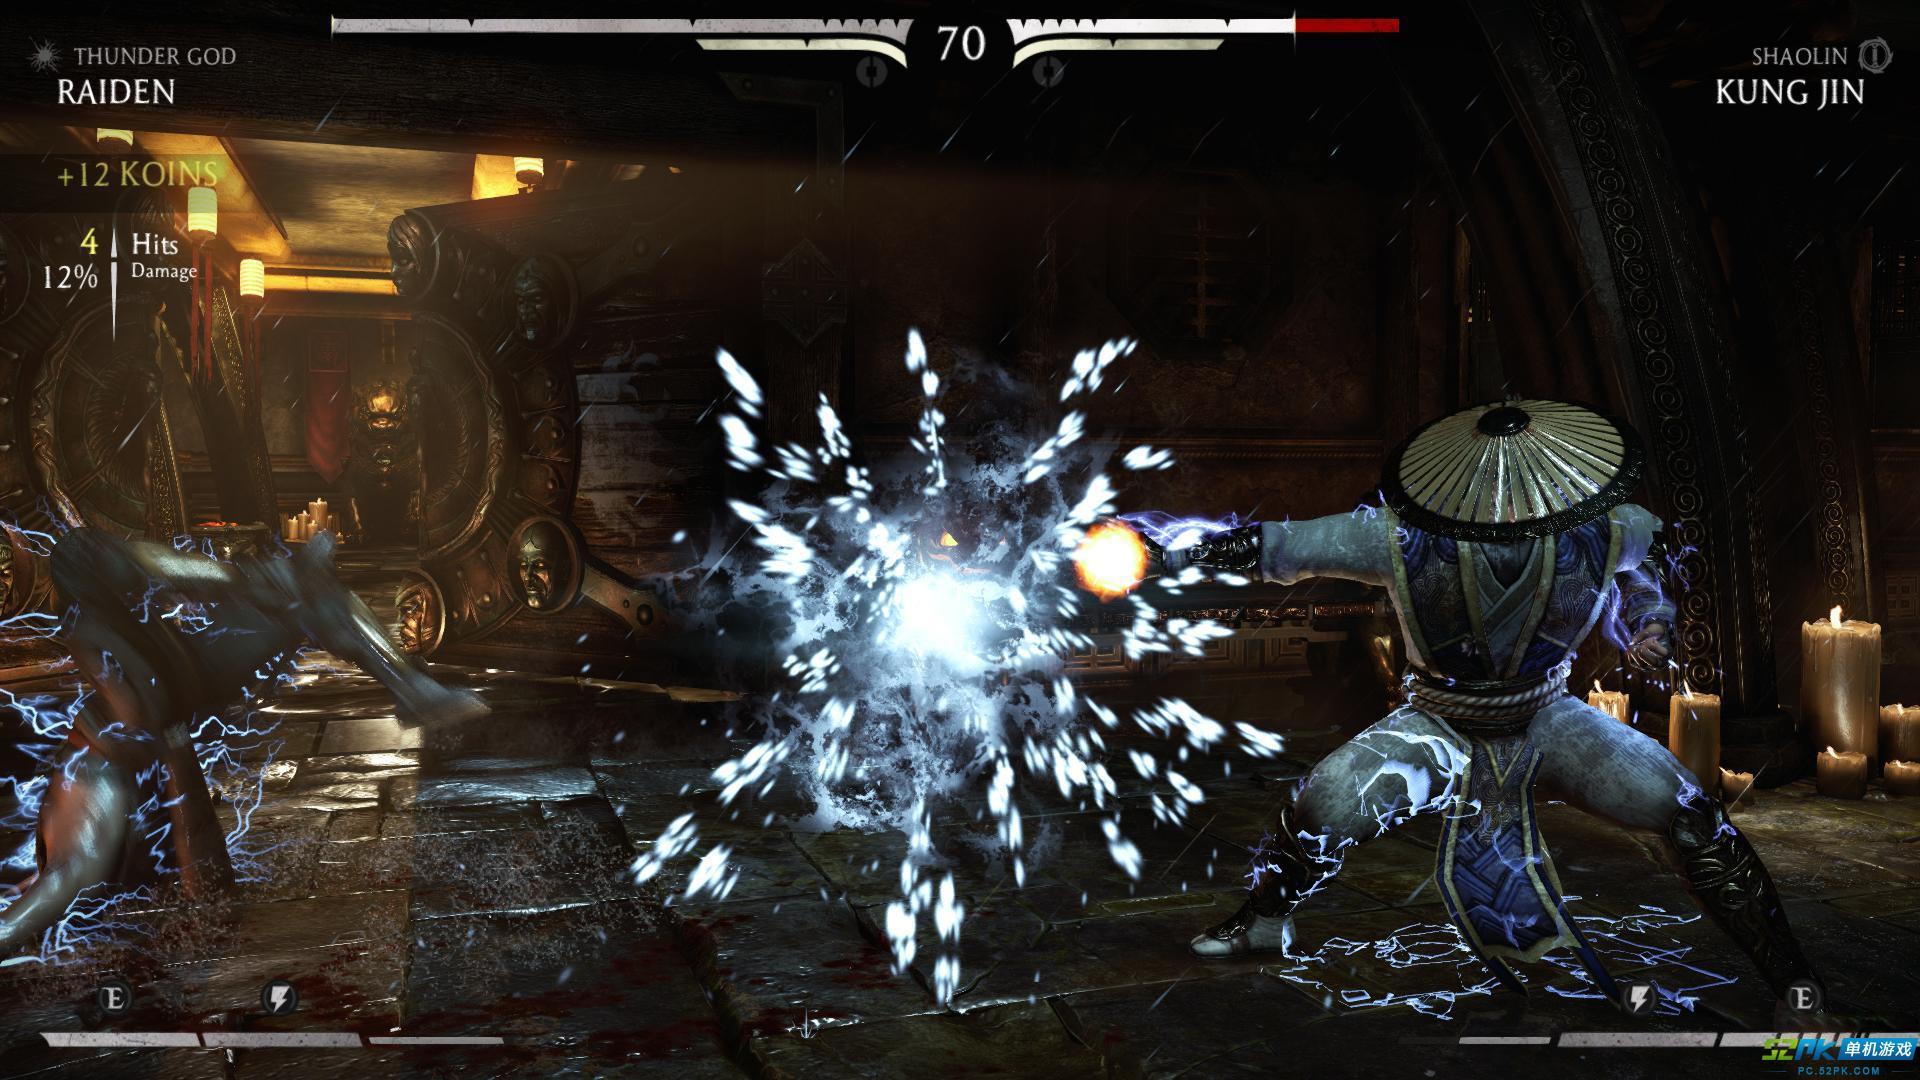 真人快打X游戏评测 画面质量高游戏可玩性增加